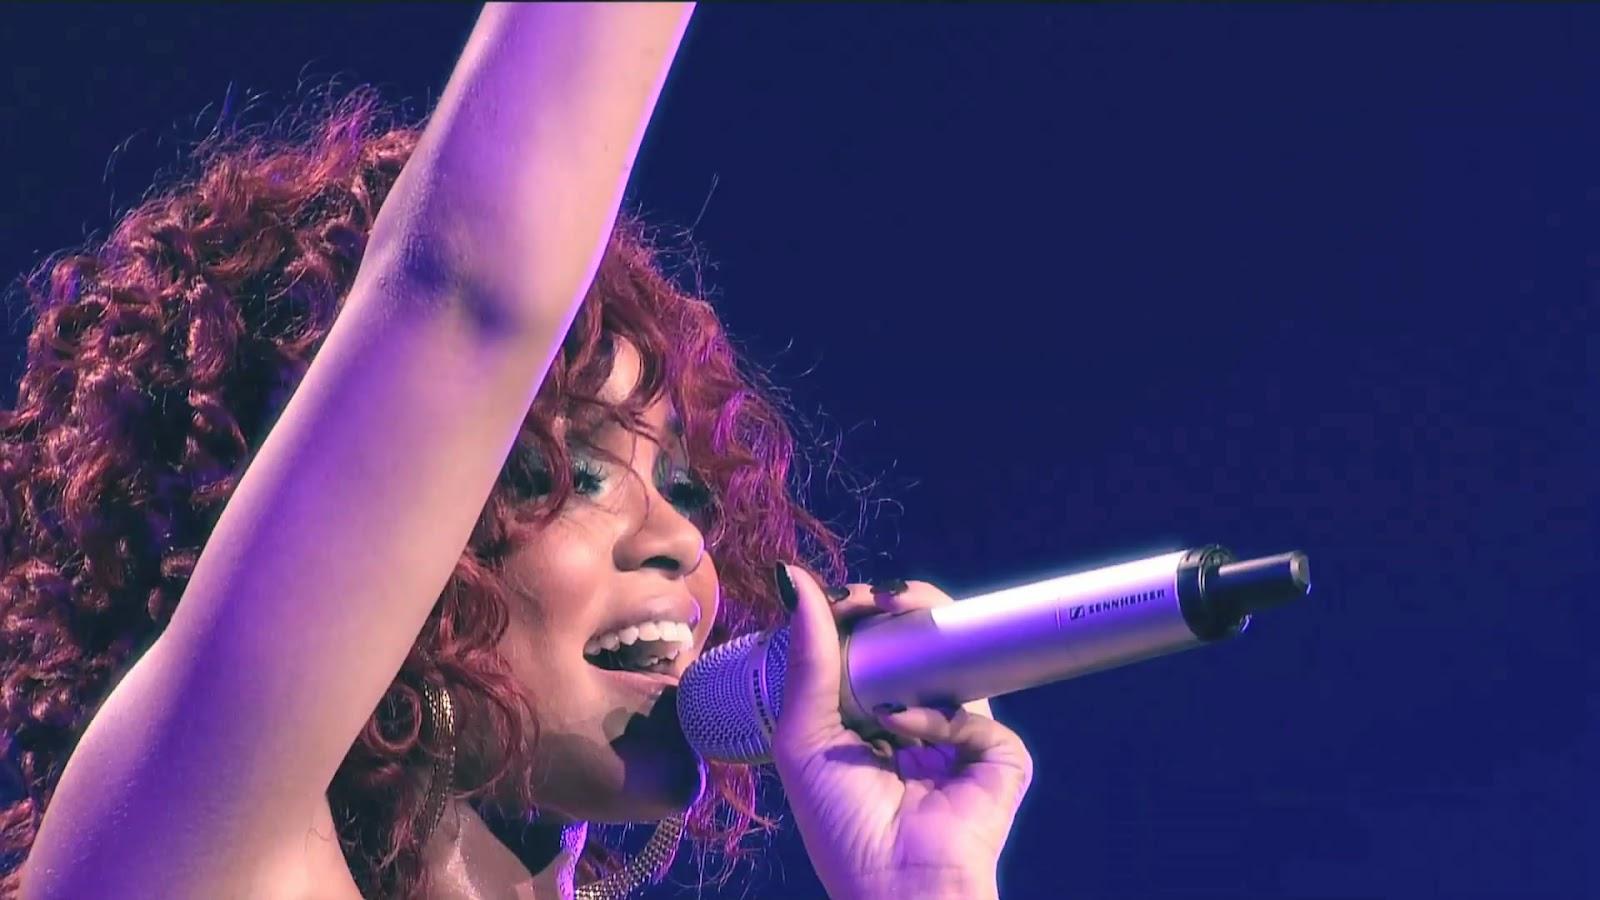 http://2.bp.blogspot.com/-kkvG2Om_dHM/T9aLmyqag2I/AAAAAAAAAZE/koue9_2ig6E/s1600/9.+Rihanna+-+Cheers+(Drink+To+That)_(1080p)VIDEOCLIPSDOWNLOADS.mp4_snapshot_04.19_%5B2012.06.11_21.20.56%5D.jpg